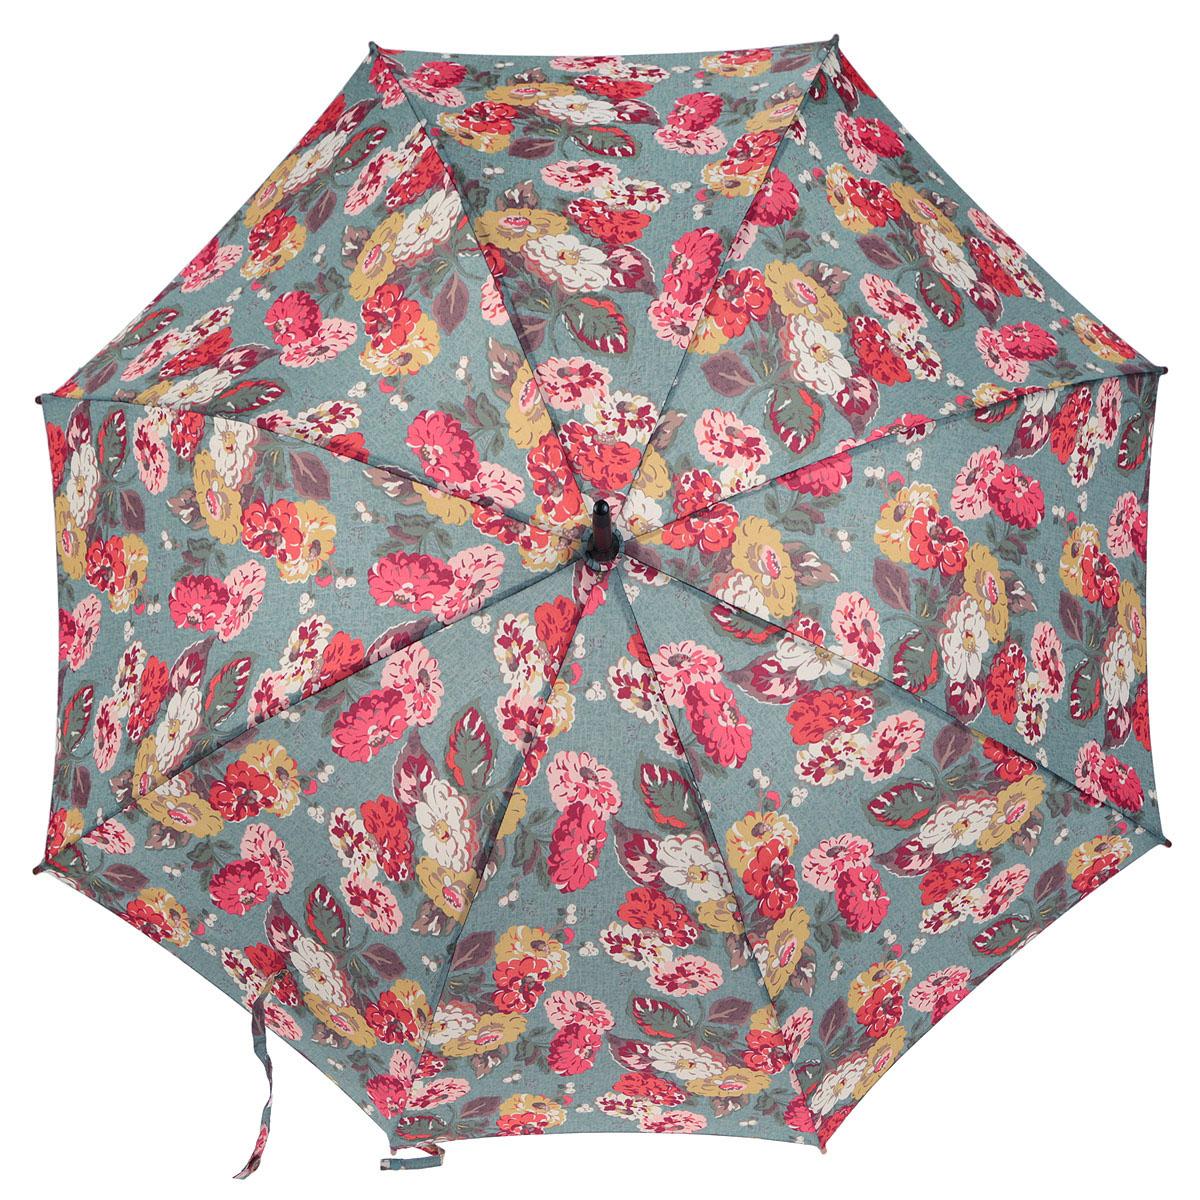 Зонт-трость женский Fulton Cath Kidston Kensington-2. Autumn Bloom Teal, механический, цвет: мультицвет. L541-2847L541-2847Модный механический зонт-трость Cath Kidston Kensington-2. Autumn Bloom Teal даже в ненастную погоду позволит вам оставаться стильной и элегантной. Каркас зонта состоит из 8 спиц фибергласса и деревянного стержня. Купол зонта выполнен из прочного полиэстера и оформлен узором в виде цветов. Изделие оснащено удобной рукояткой из дерева. Зонт механического сложения: купол открывается и закрывается вручную до характерного щелчка. Модель закрывается при помощи одного ремня с липучкой и маленького хлястика с кнопкой. Такой зонт не только надежно защитит вас от дождя, но и станет стильным аксессуаром, который идеально подчеркнет ваш неповторимый образ.